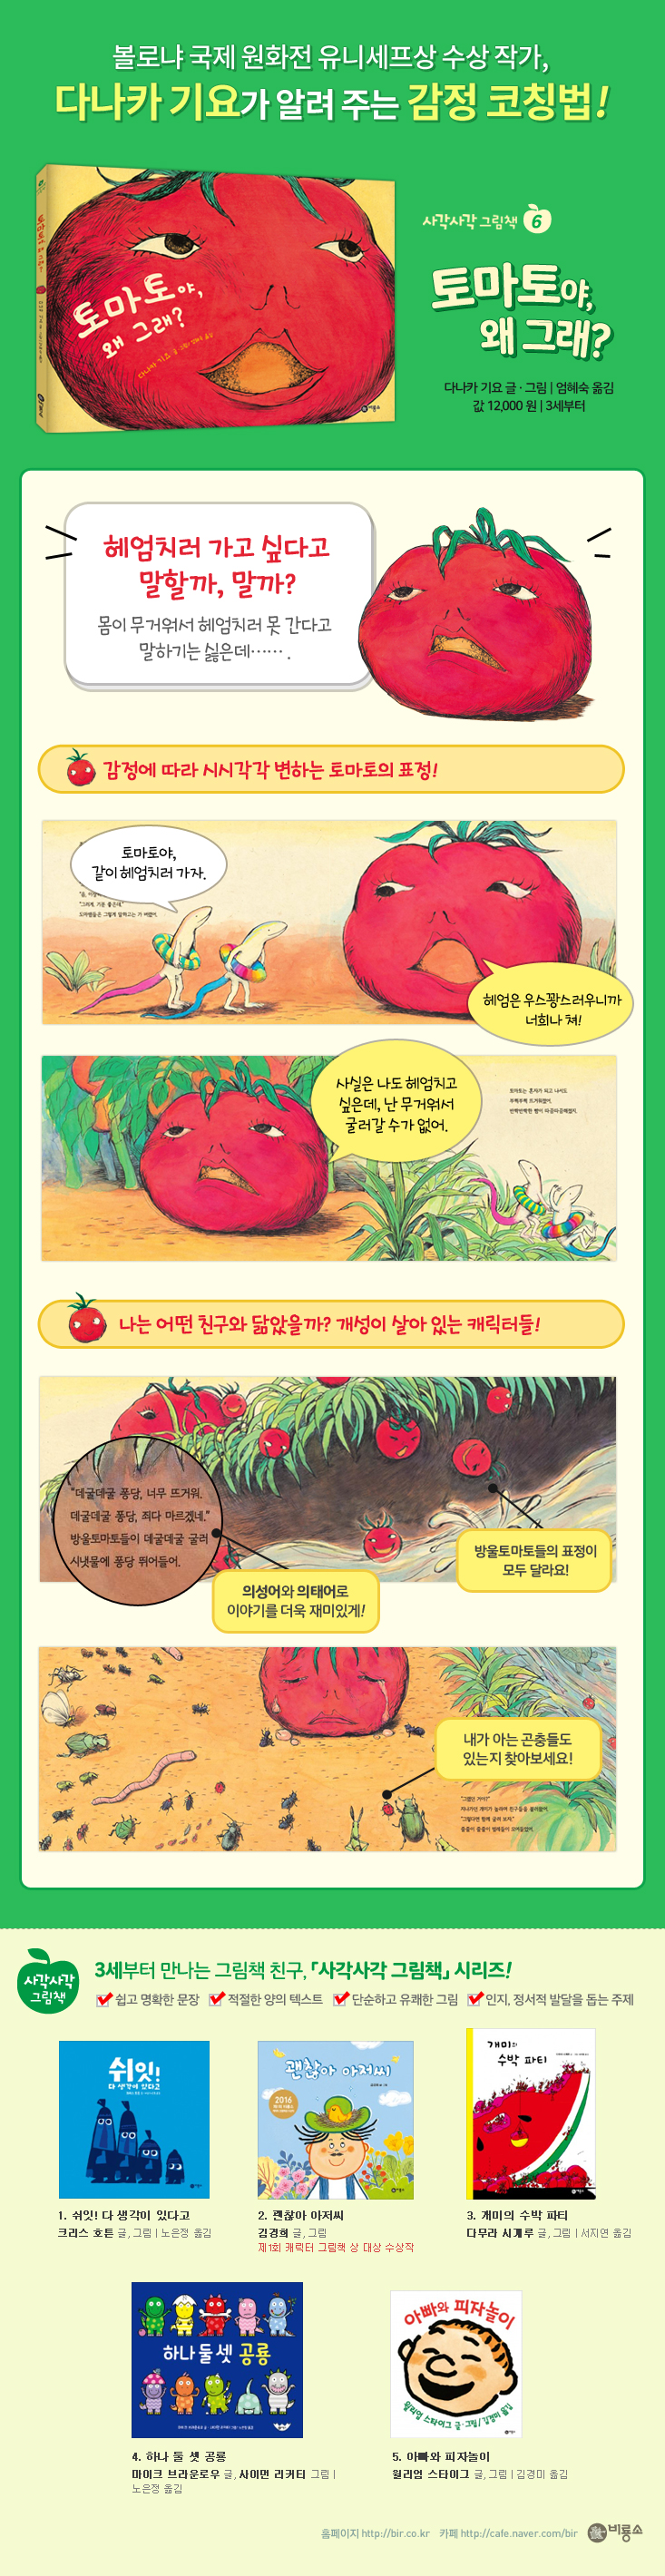 신간_토마토야왜그래_웹이미지